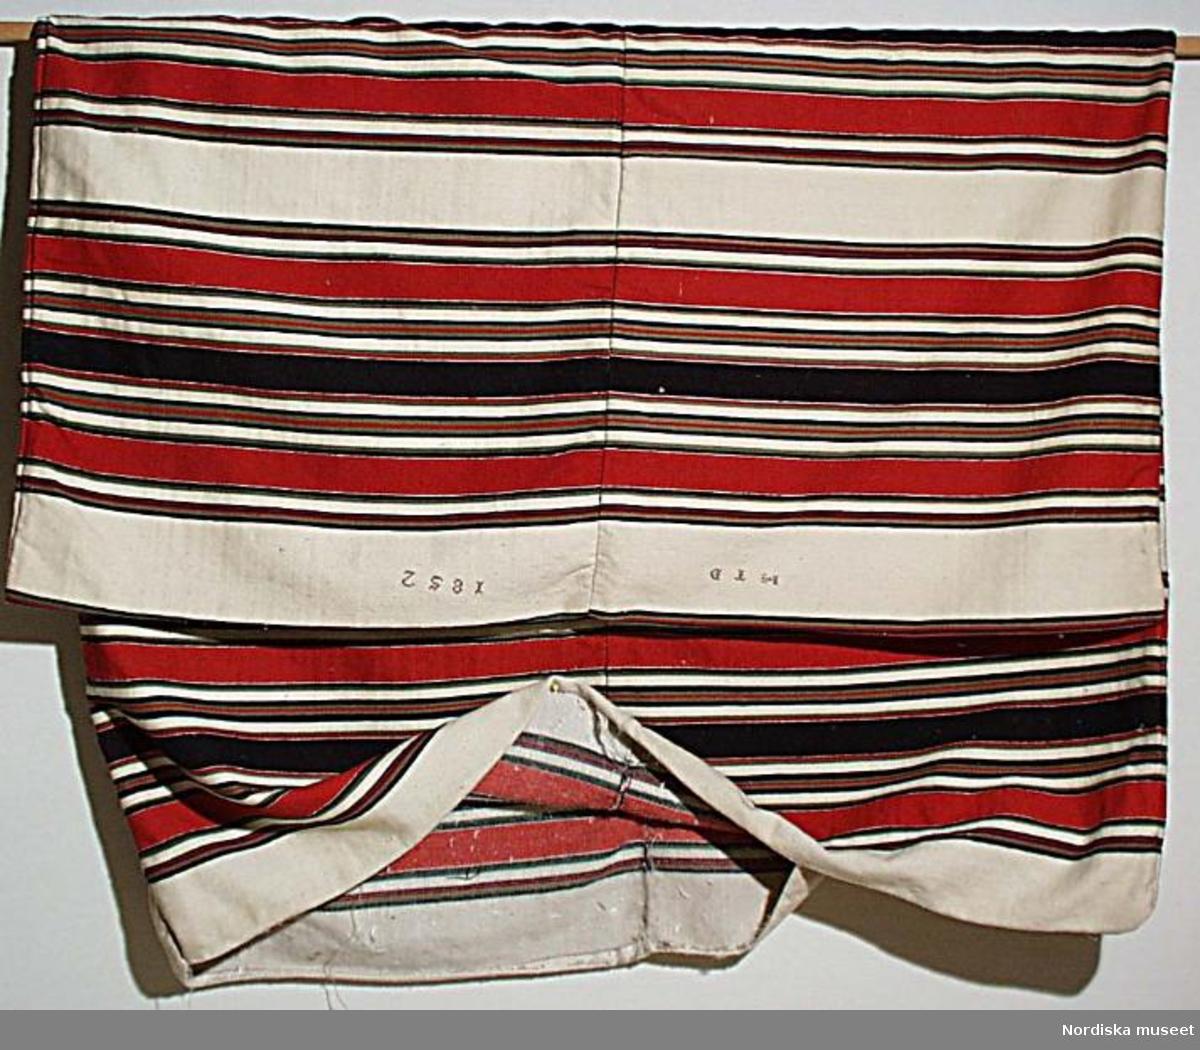 Bolstervar med  varp av lingarn, inslag av 1-tr. ullgarn i vitt med ränder i rött, grönt, svart och blått, vävt i satin ( ej kontrollerat, bör göras efter utställning), vävt i 2 våder, hopsytt för hand på mitten. Märkt med korsstygn i lila ullgarn H T D 1852 i ena änden. Har varit fyllt med dun.  Berit Eldvik april 2005